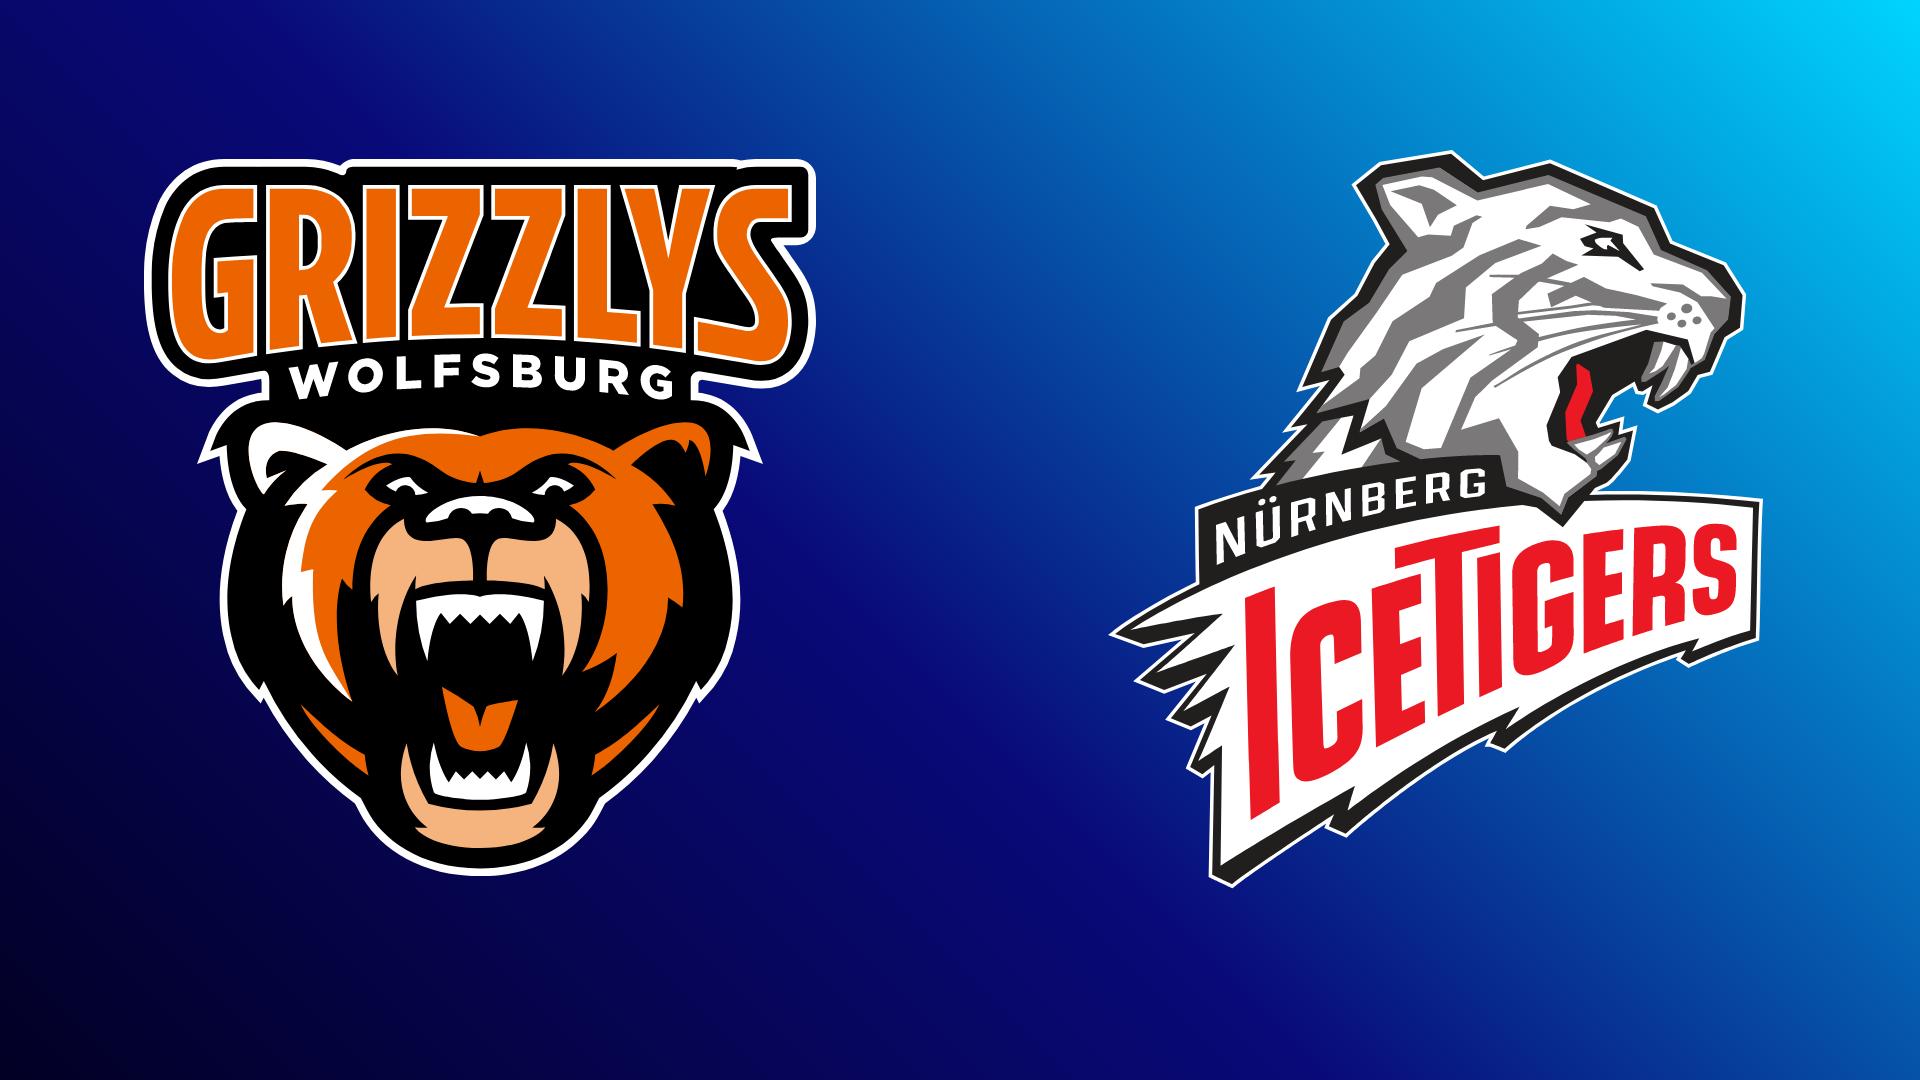 Grizzlys Wolfsburg - Nürnberg Ice Tigers 19.10.2021 um 19:15 Uhr auf Magenta Sport